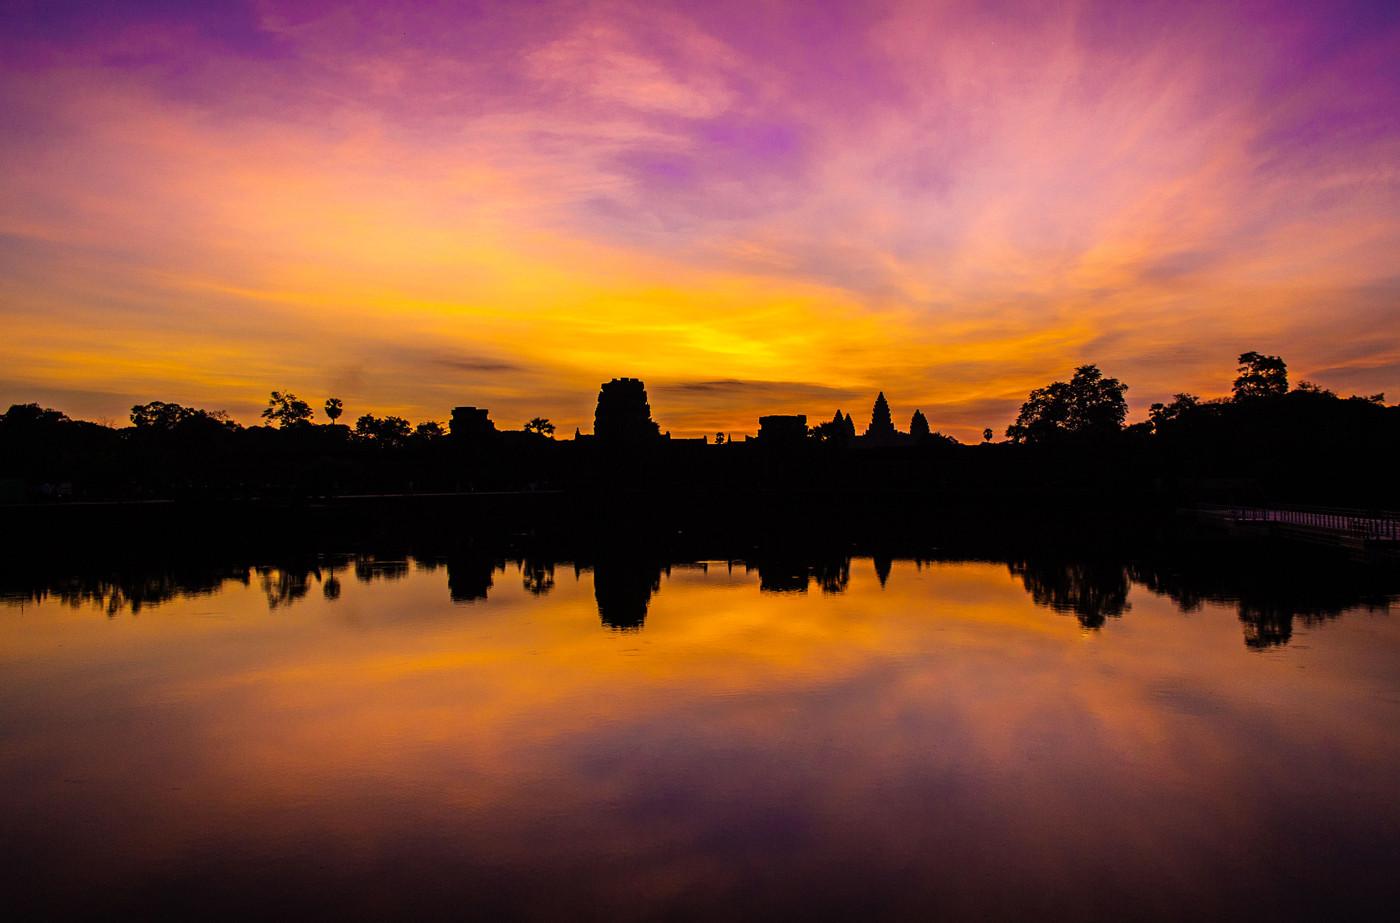 Amanecer Angkor Wat - Sunrise